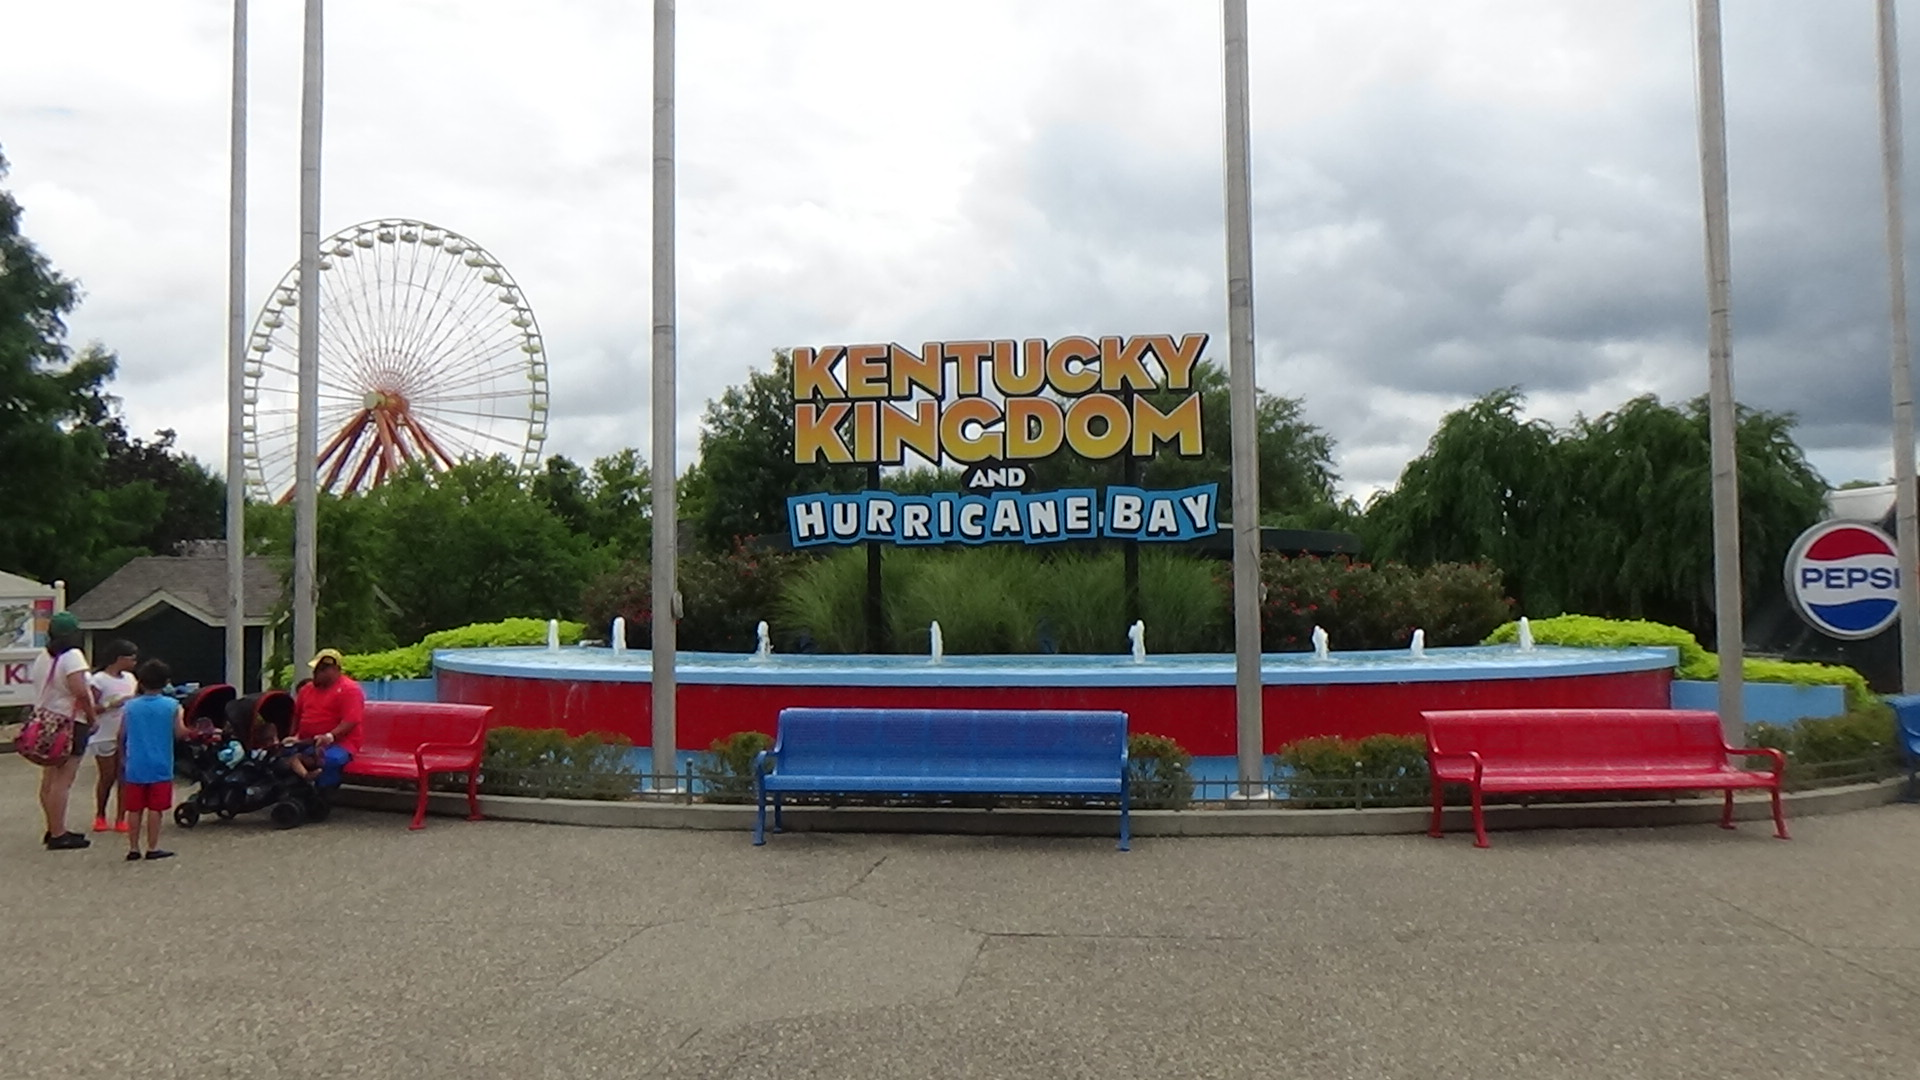 Kentucky Kingdom Wikipedia